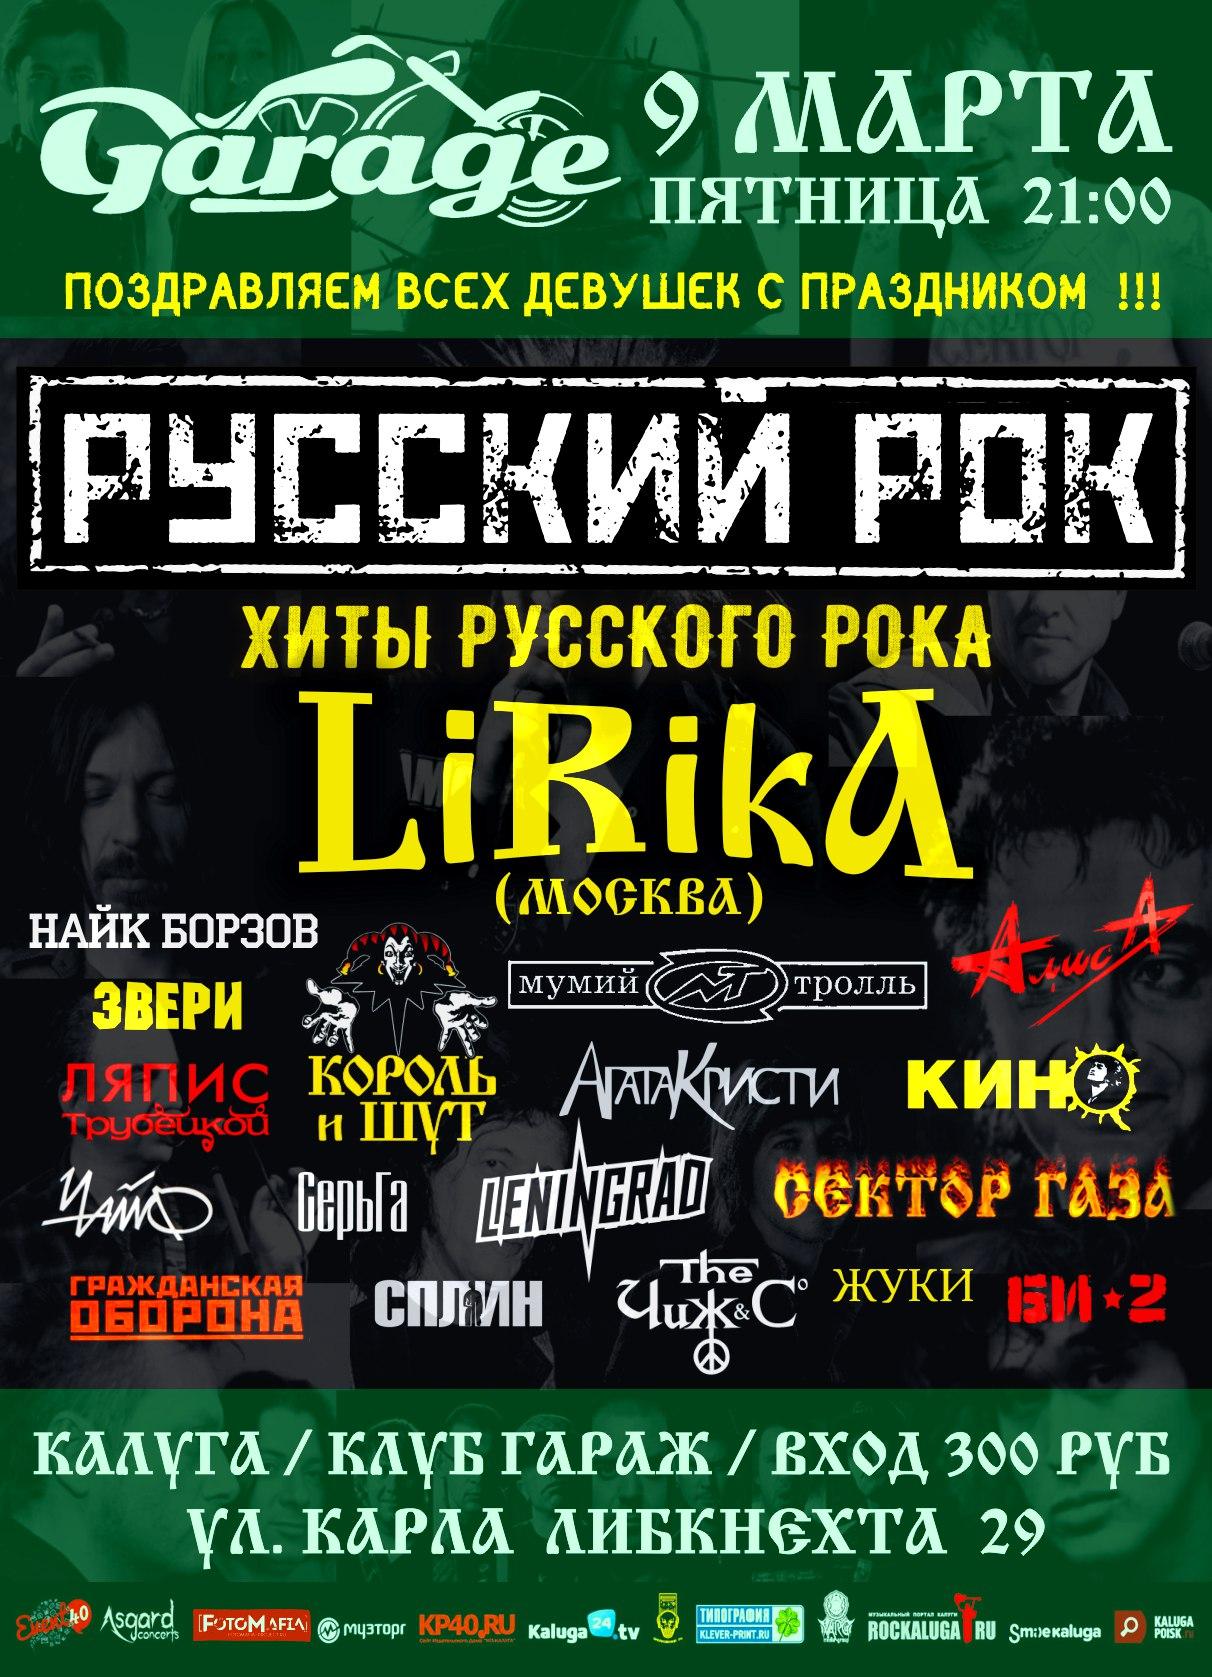 Концерт группы «Lirika»